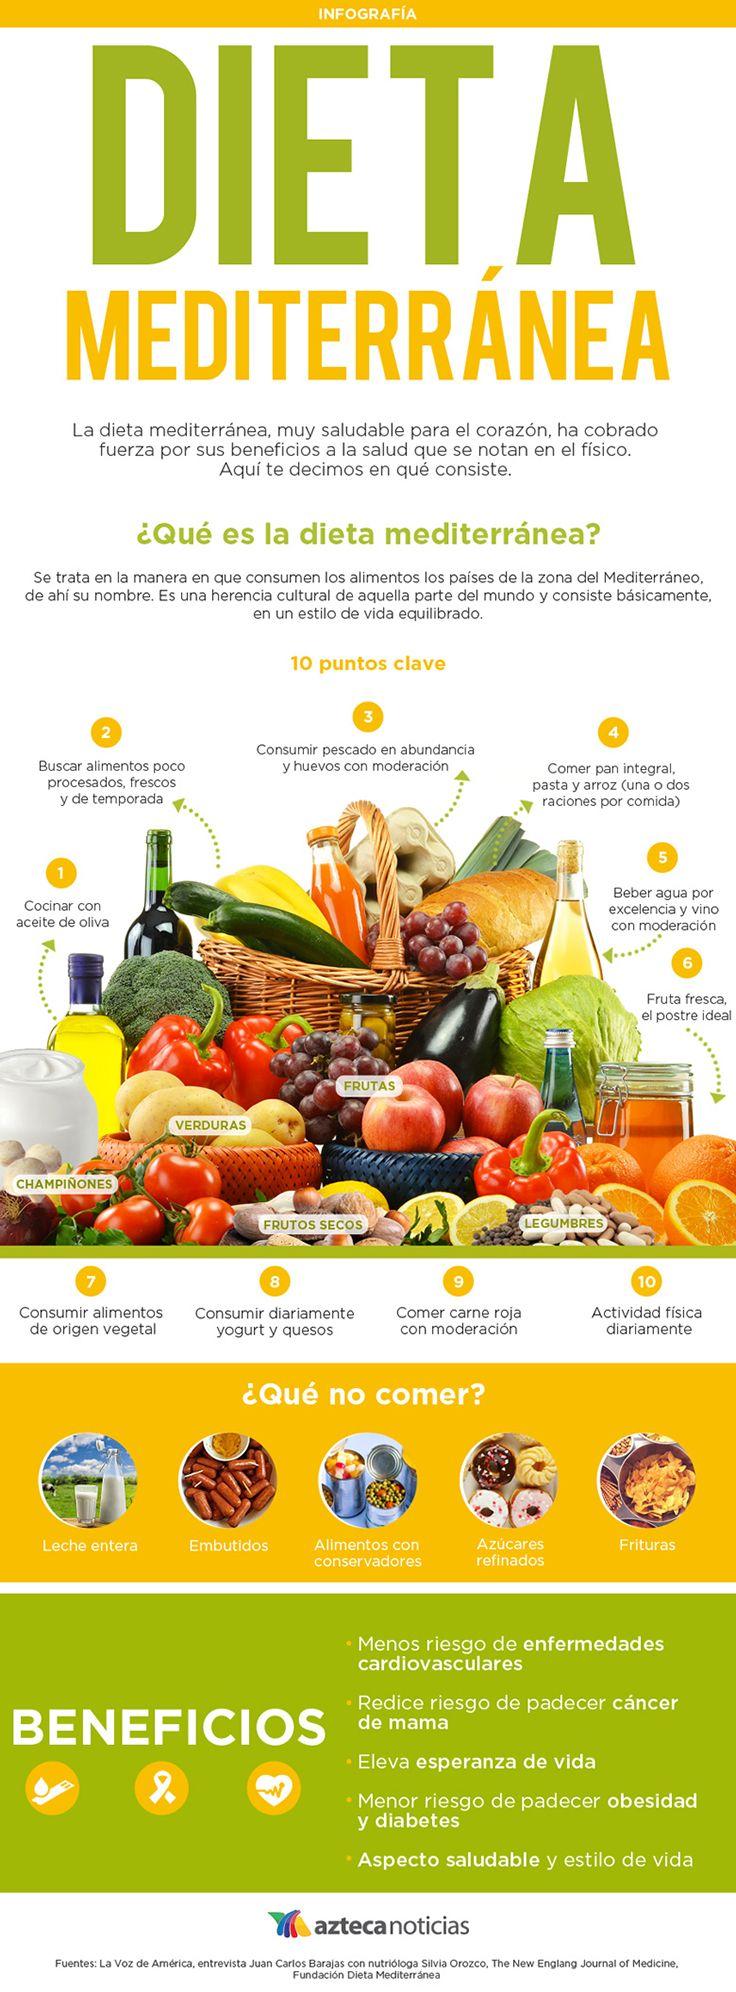 ¿En qué consiste la dieta mediterránea? #dieta #salud